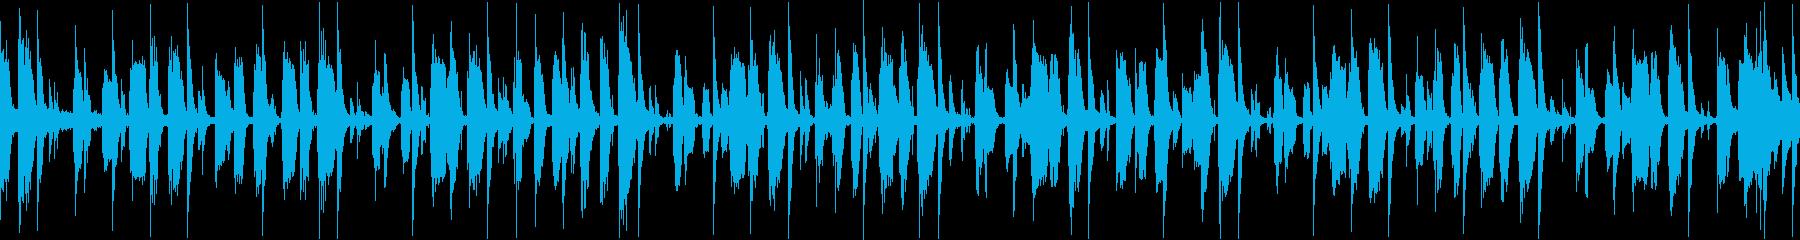 大人なジャズレトロの再生済みの波形